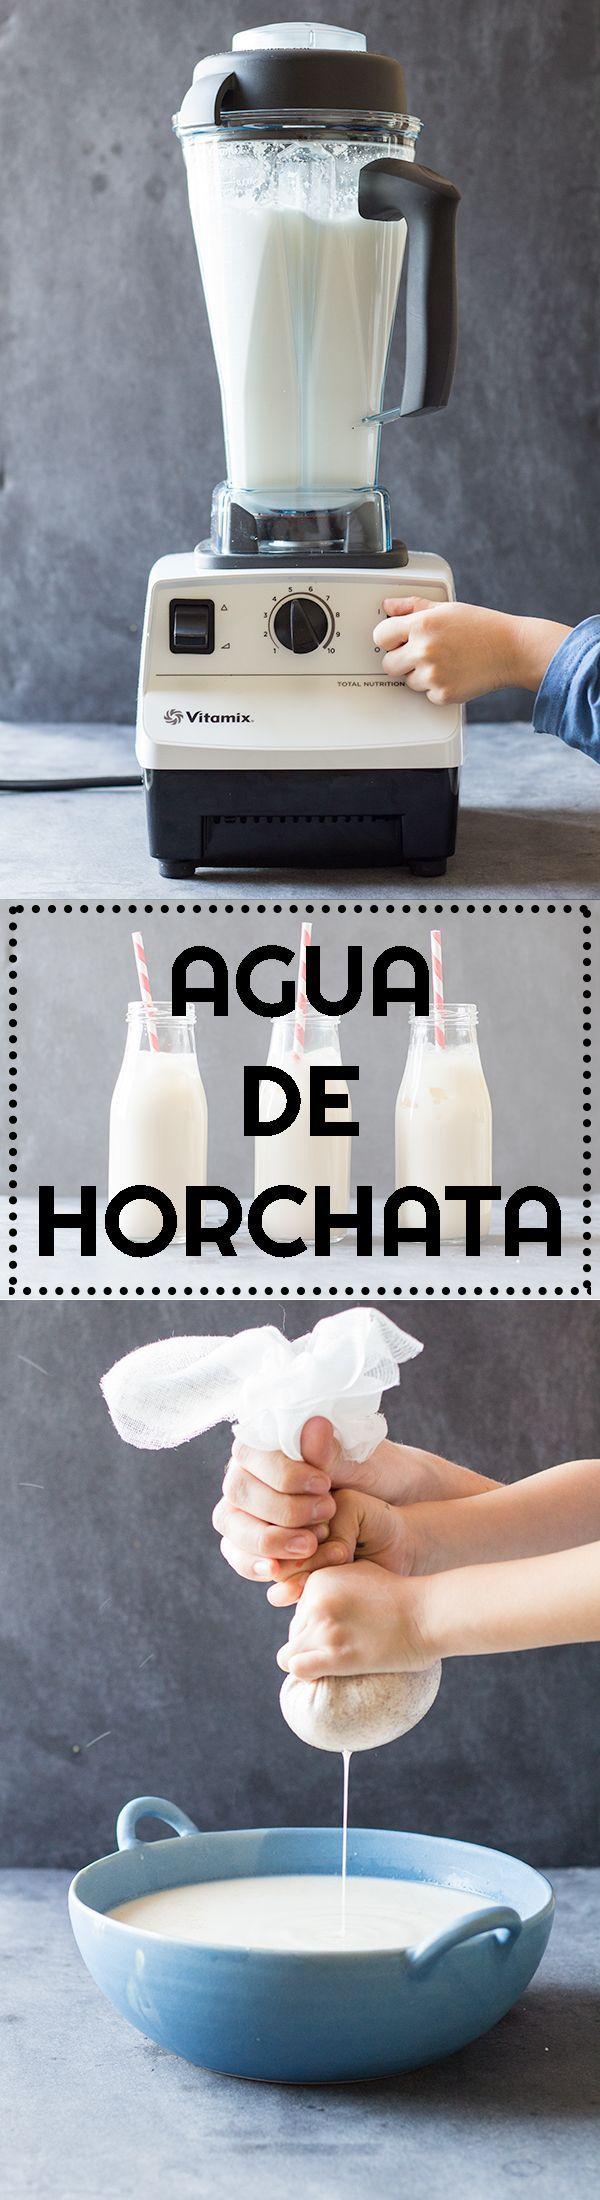 Agua De Horchata + Vitamix Giveaway